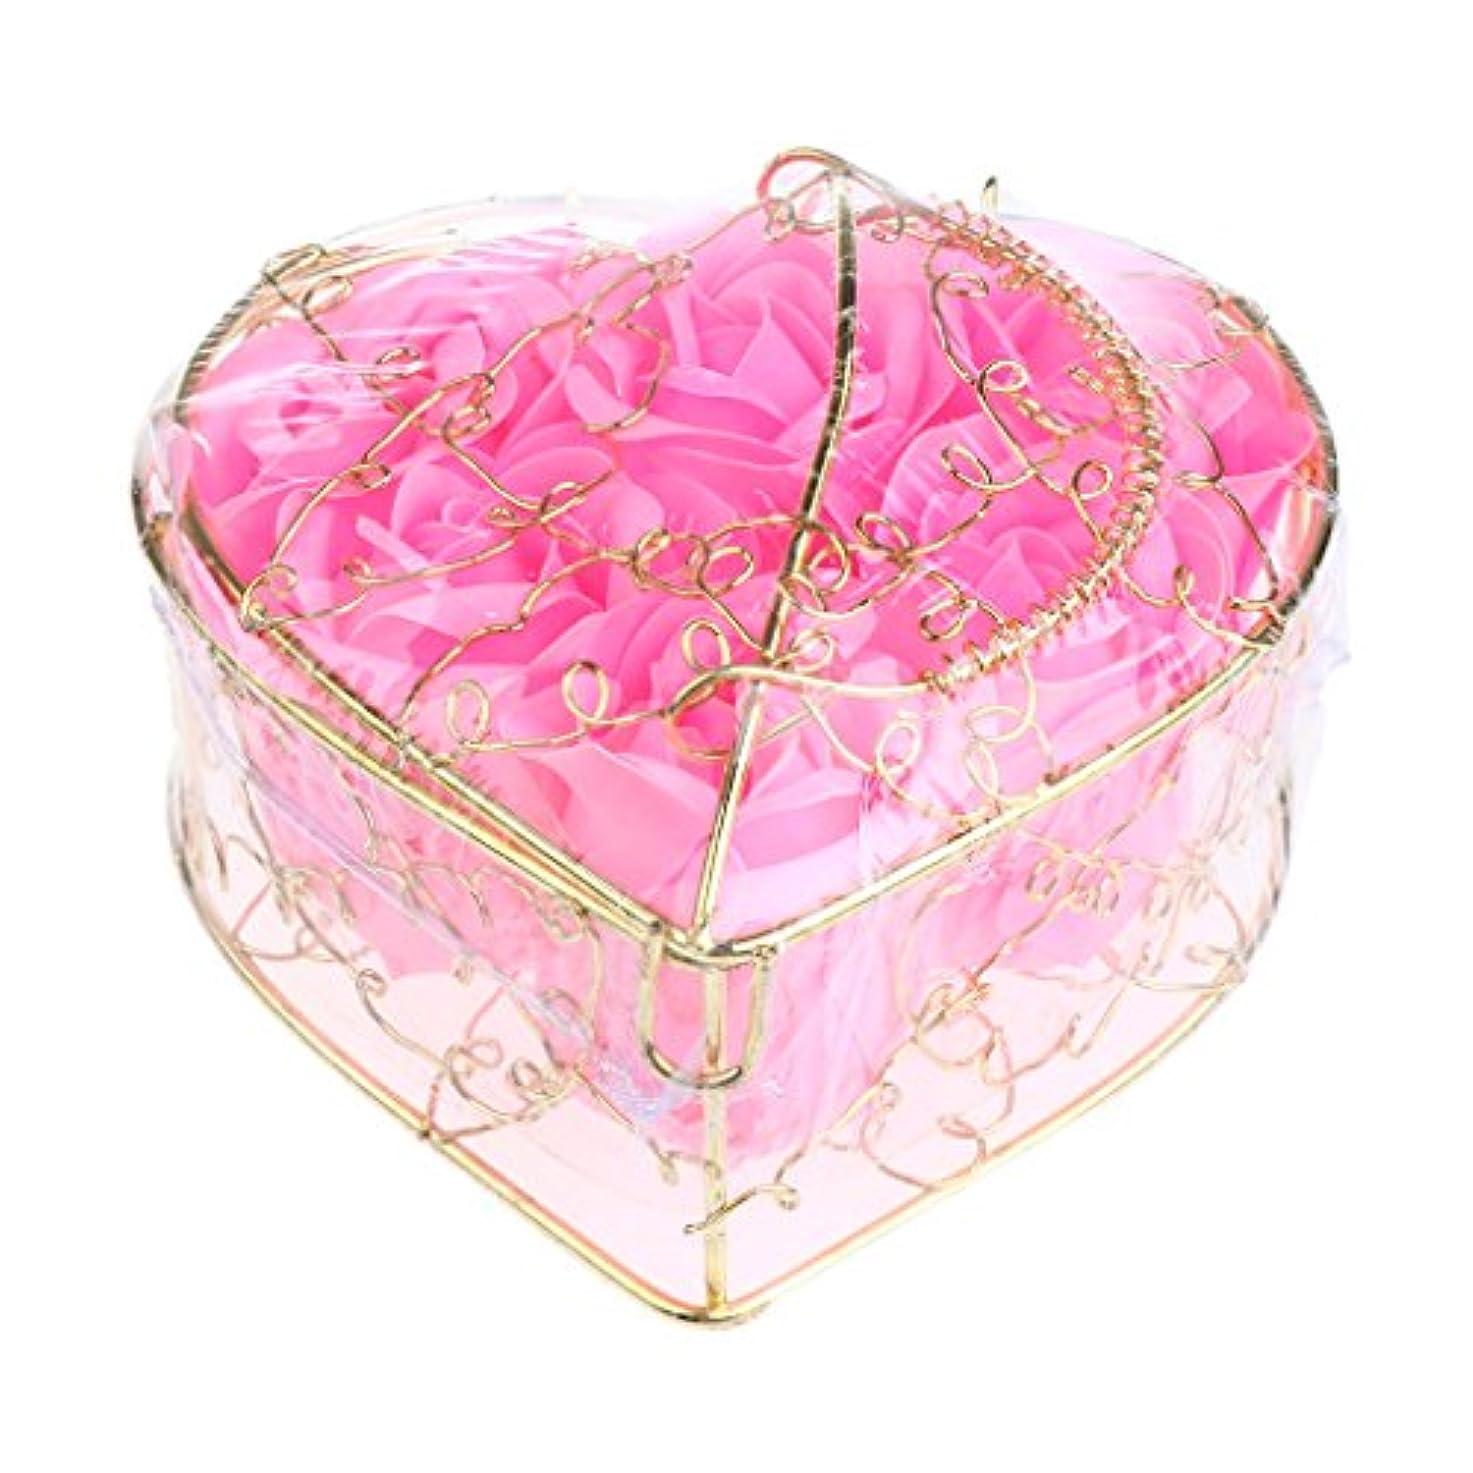 メールを書く宿題をする不器用6個 石鹸の花 バラ 石鹸の花びら 母の日 ギフトボックス ロマンチック 全5タイプ選べる - ピンク